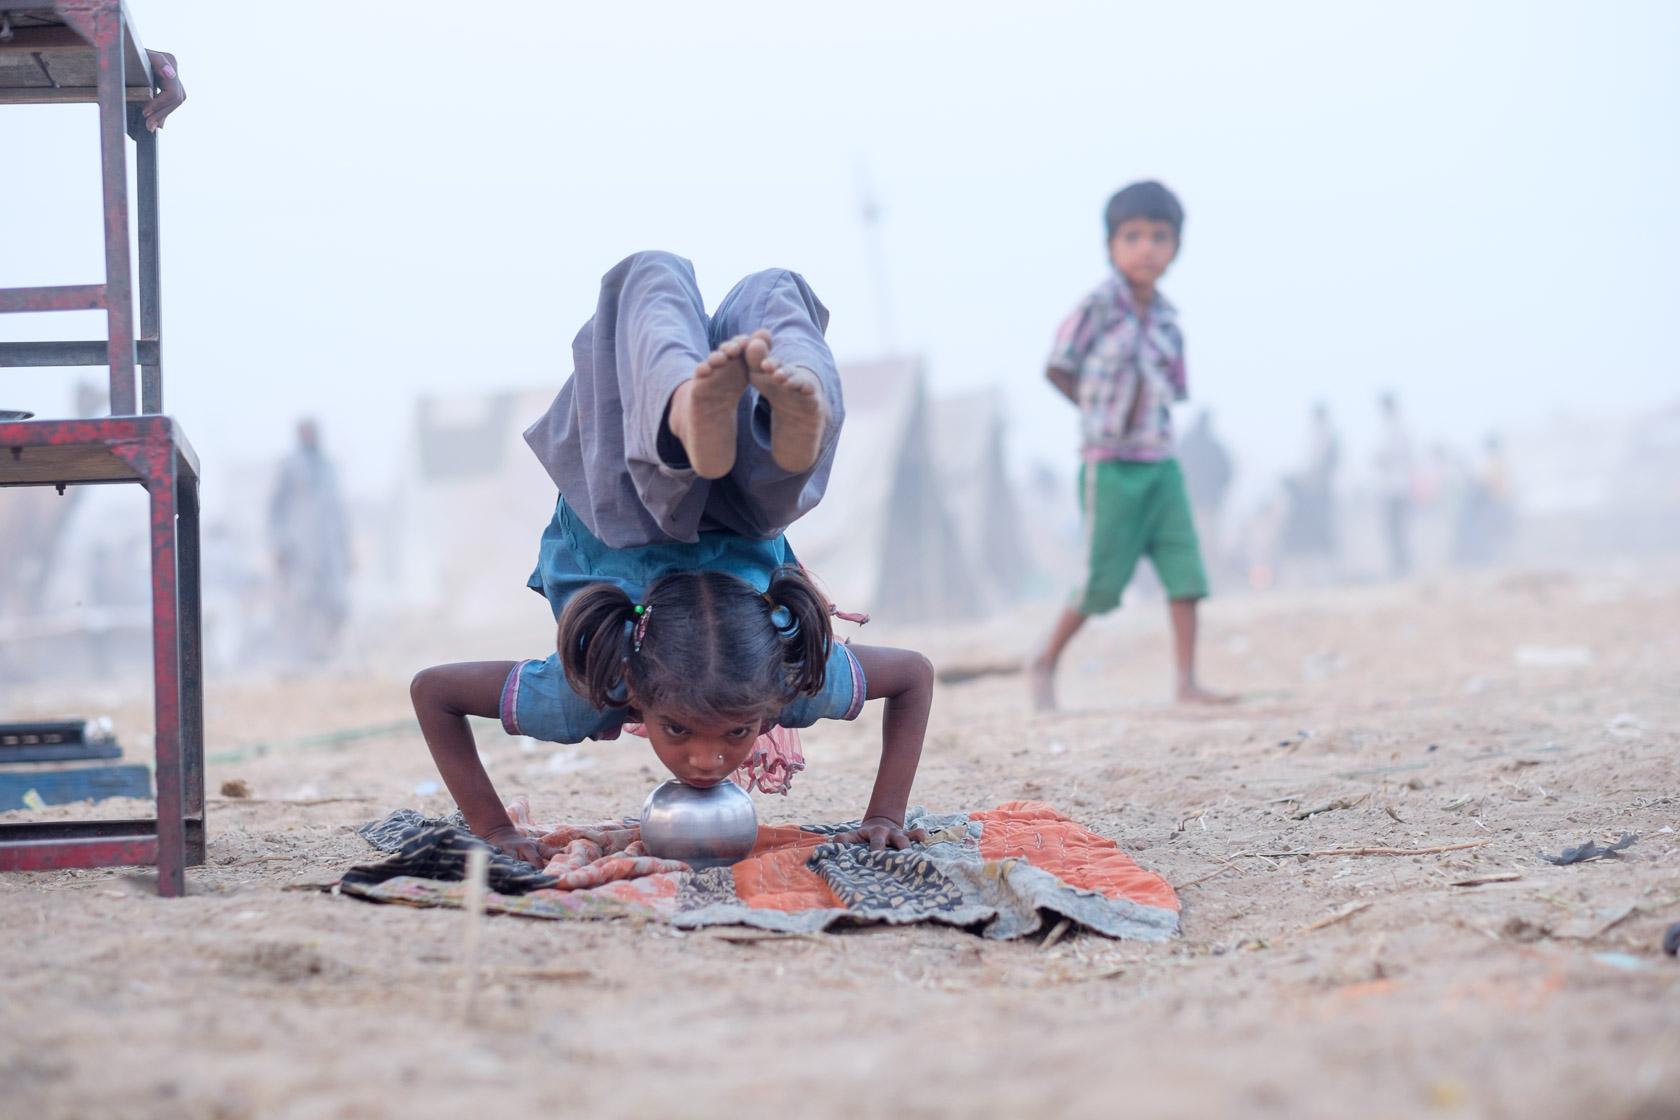 Street Performer, Pushkar, India